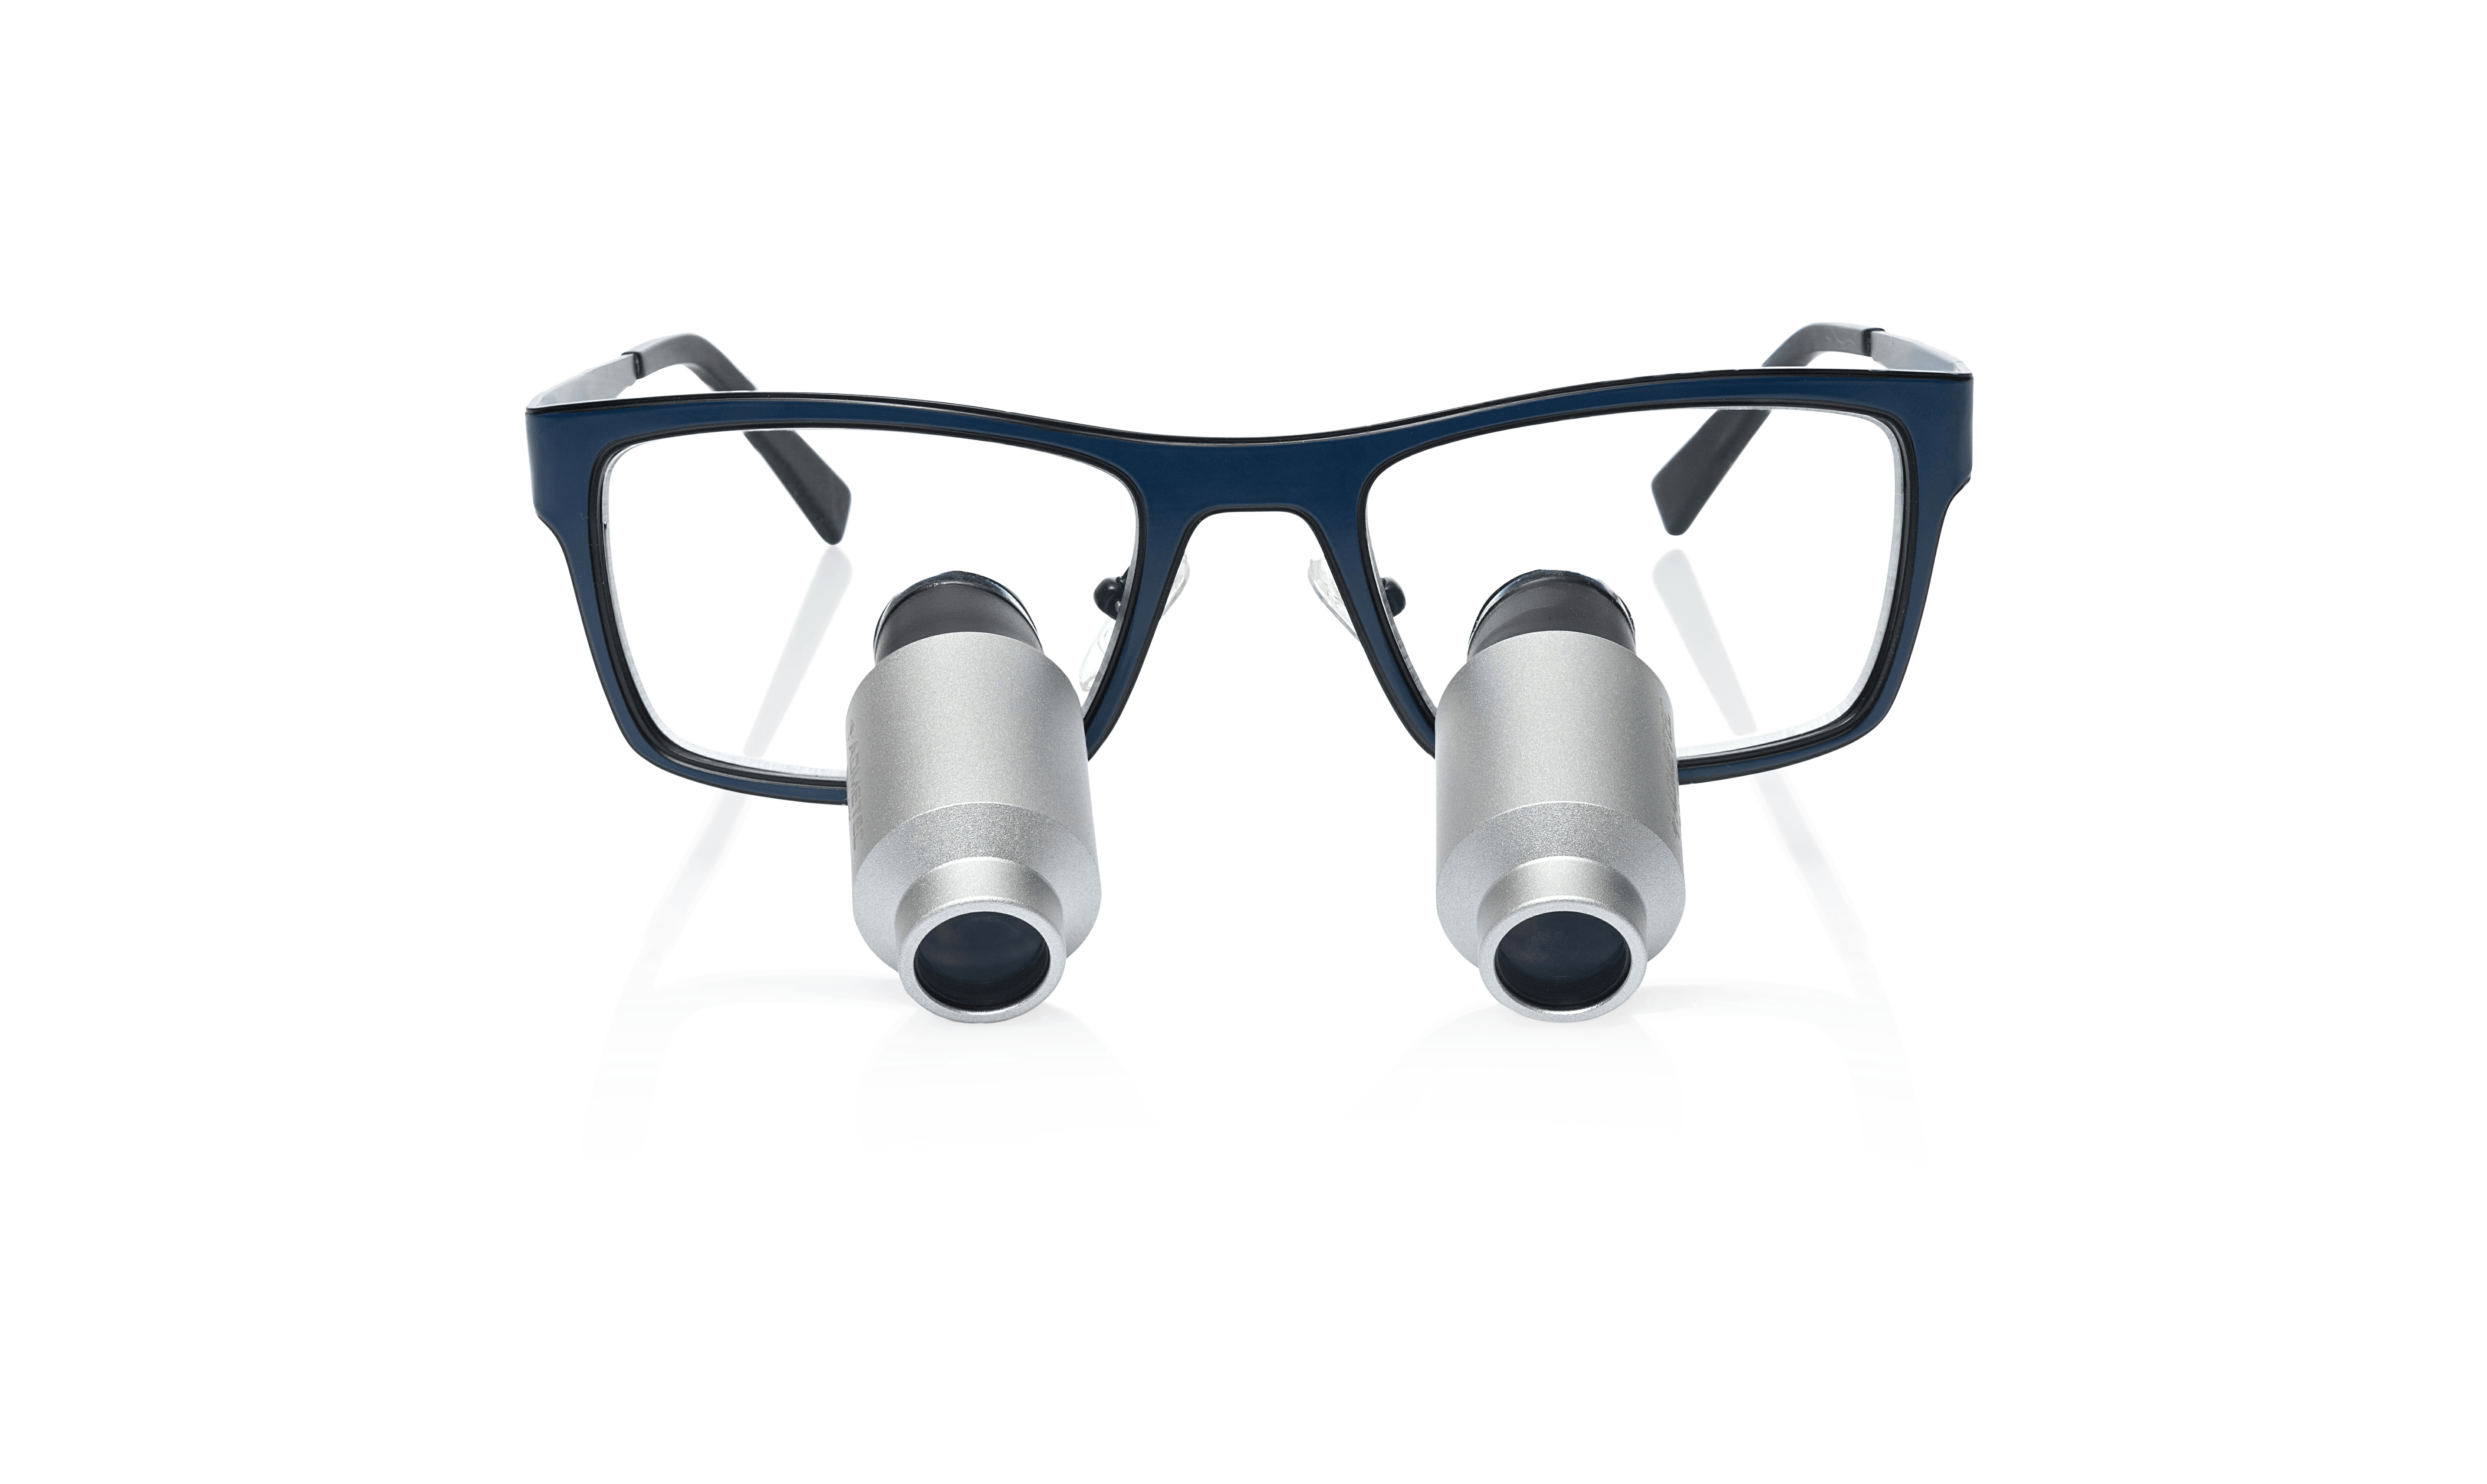 משקפי הגדלה פריזמטיים | 4.8X